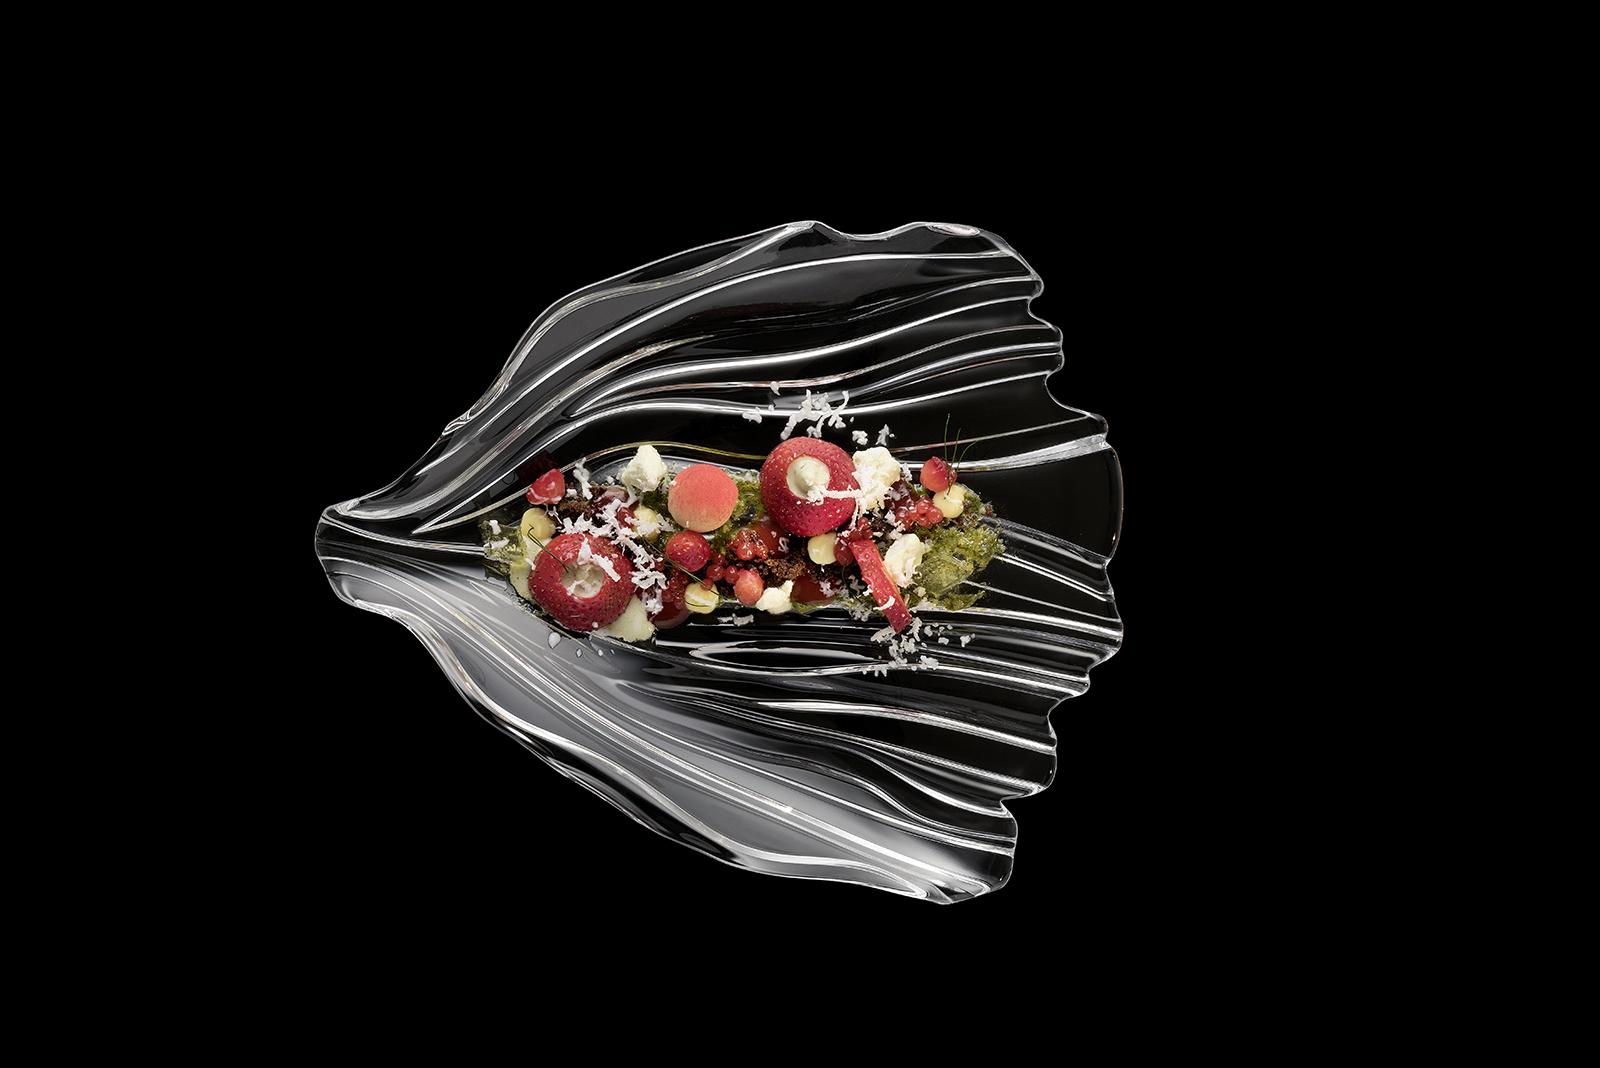 Dessert auf Glasteller der Serie Jin Yu angerichtet von Thomas Kellermann Food-Experte. Feigefotodesign